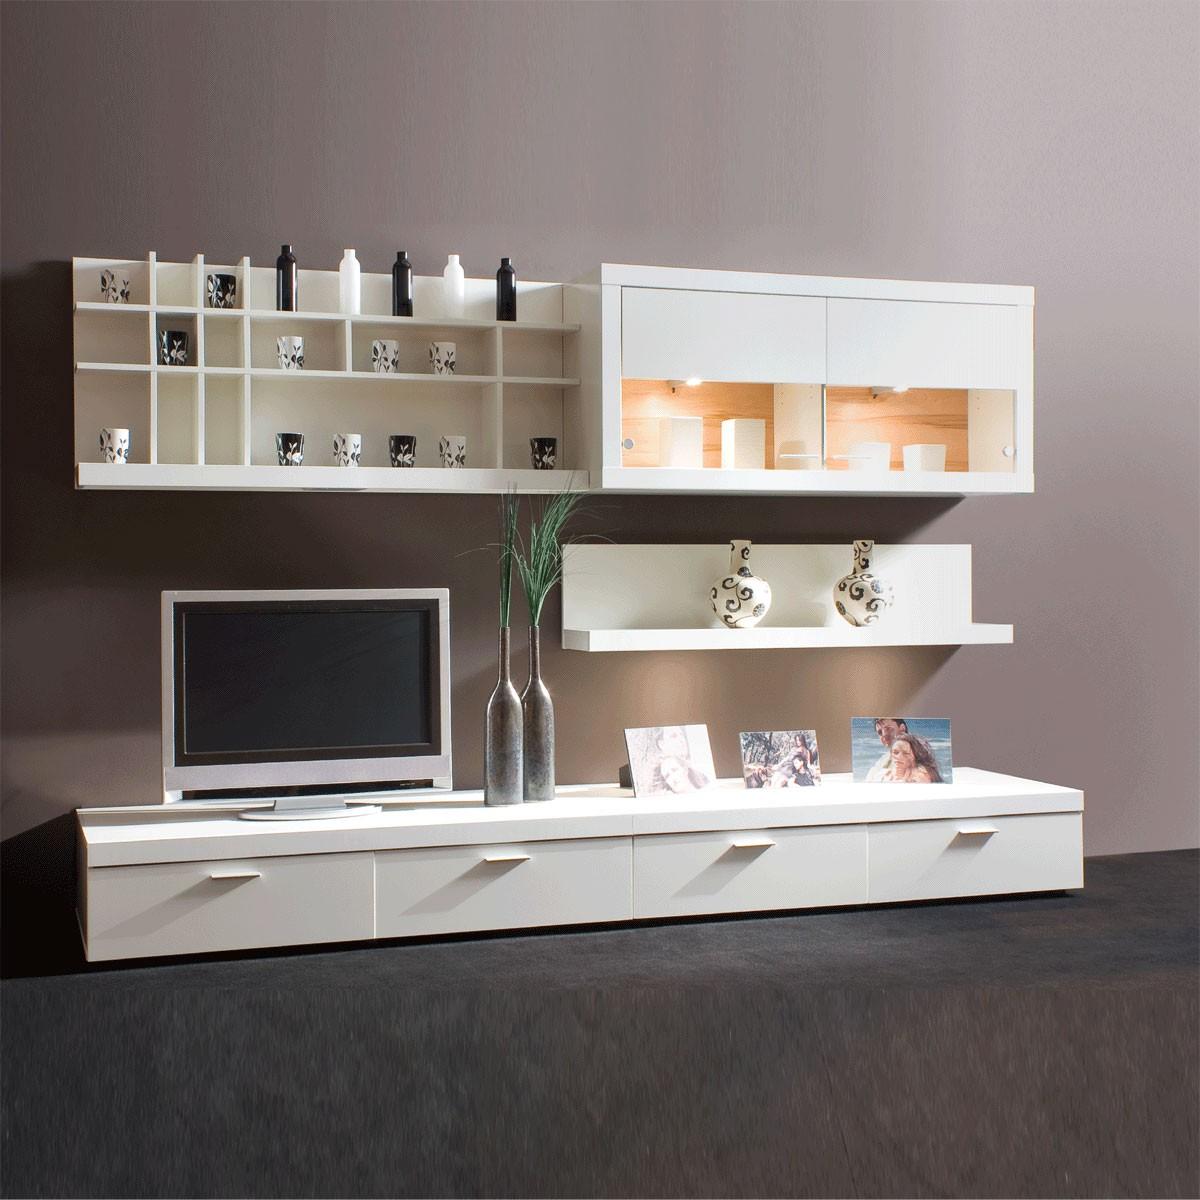 wohnwand kleine r ume bilder das wirklich elegantes mobelpix. Black Bedroom Furniture Sets. Home Design Ideas